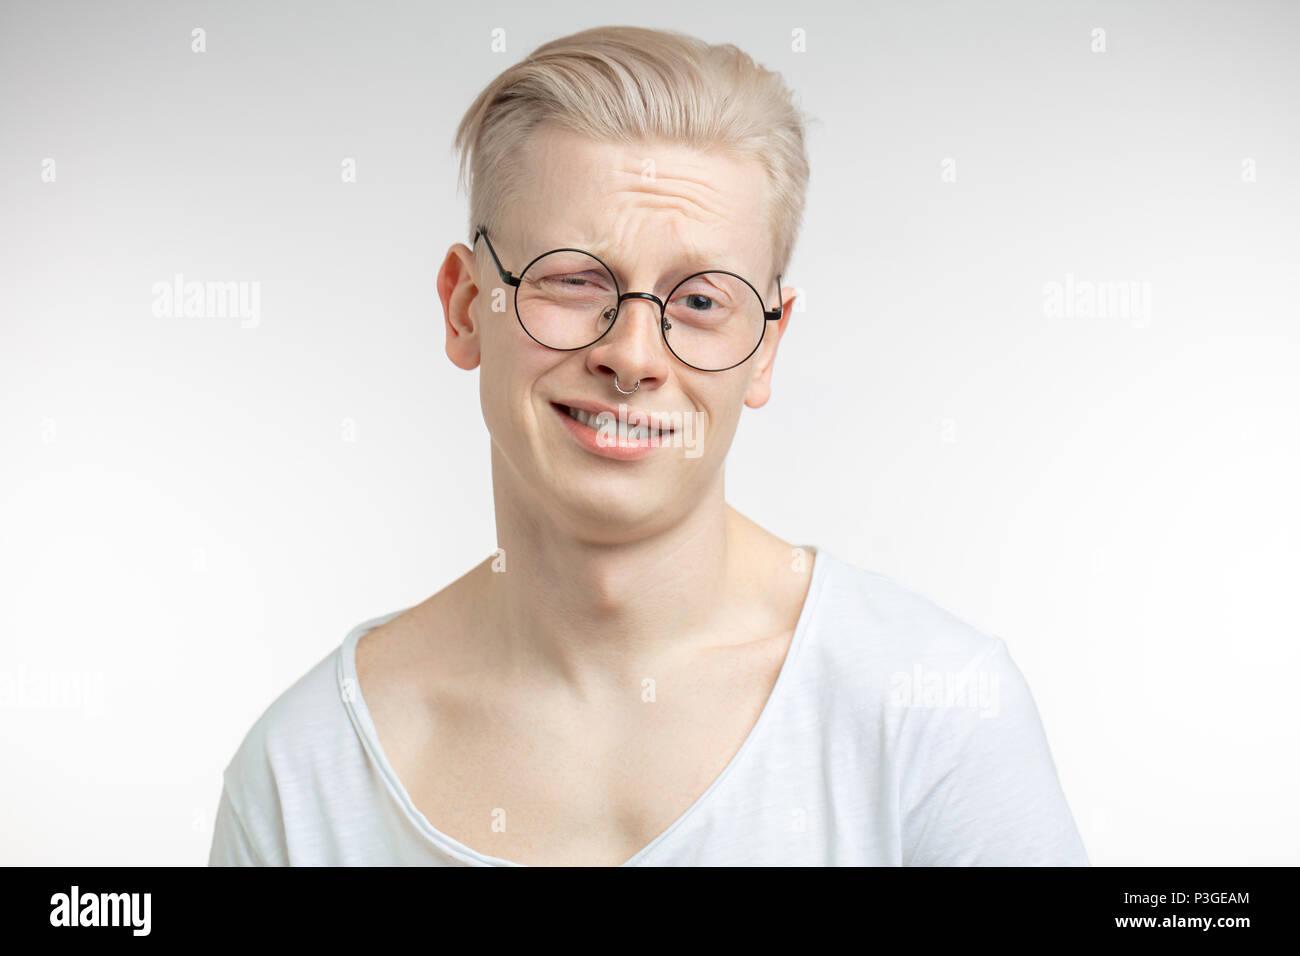 Duda, expresión y concepto de personas - el hombre duda sobre fondo gris Imagen De Stock